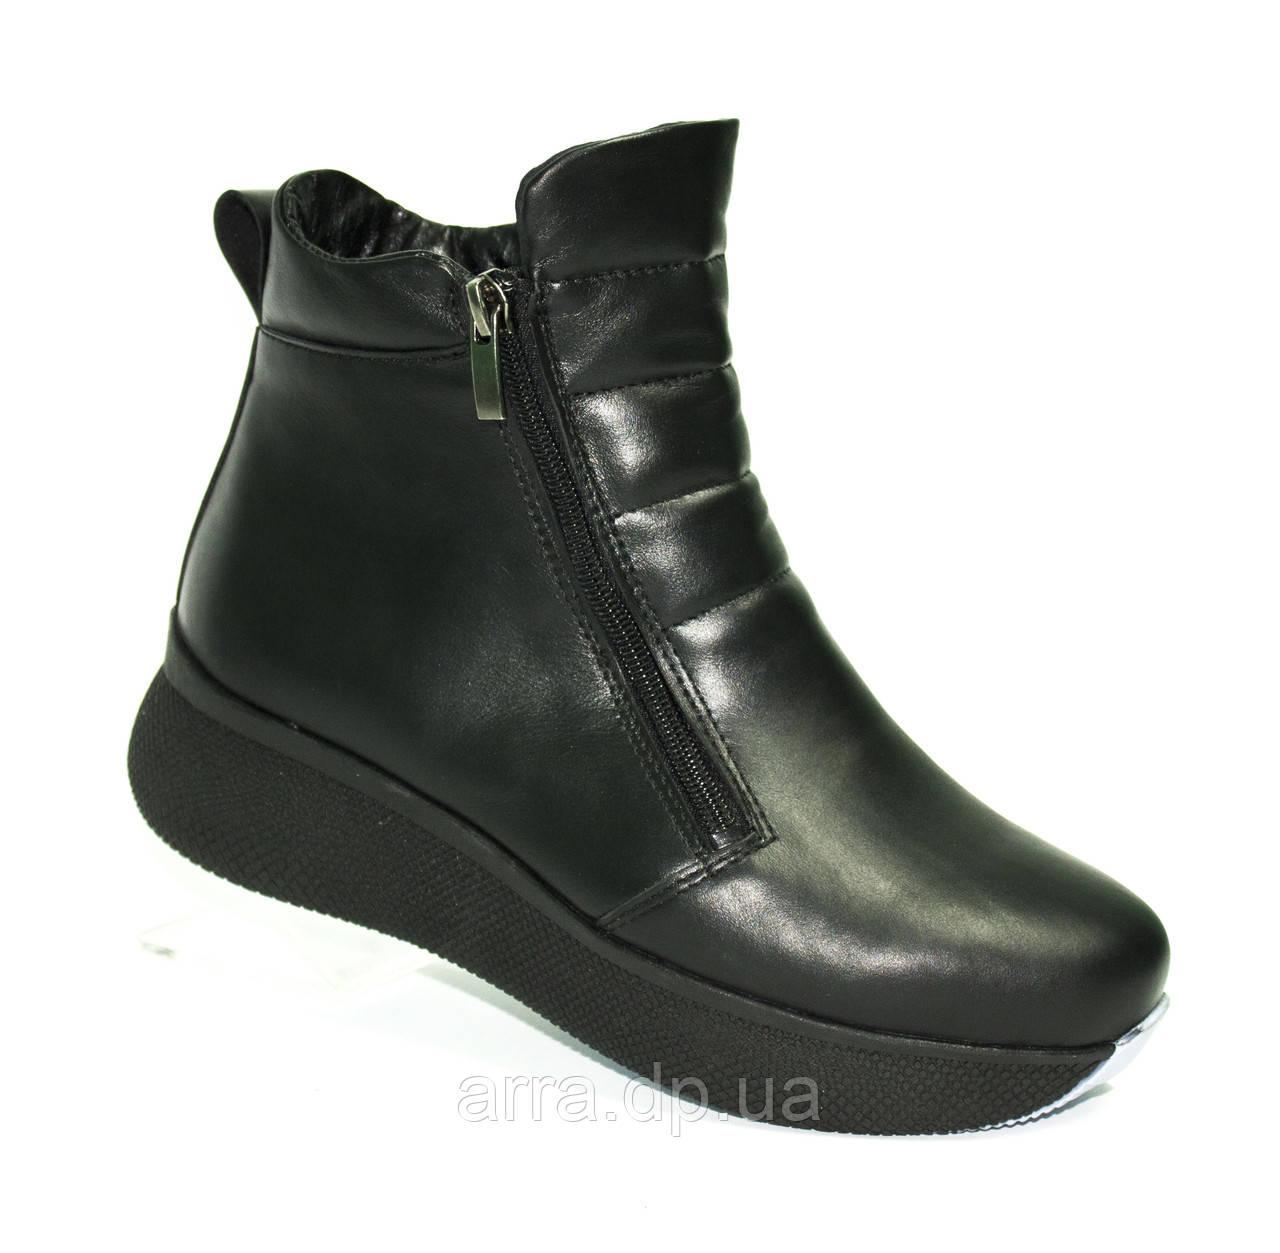 Кожаные ботинки на спортивной подошве